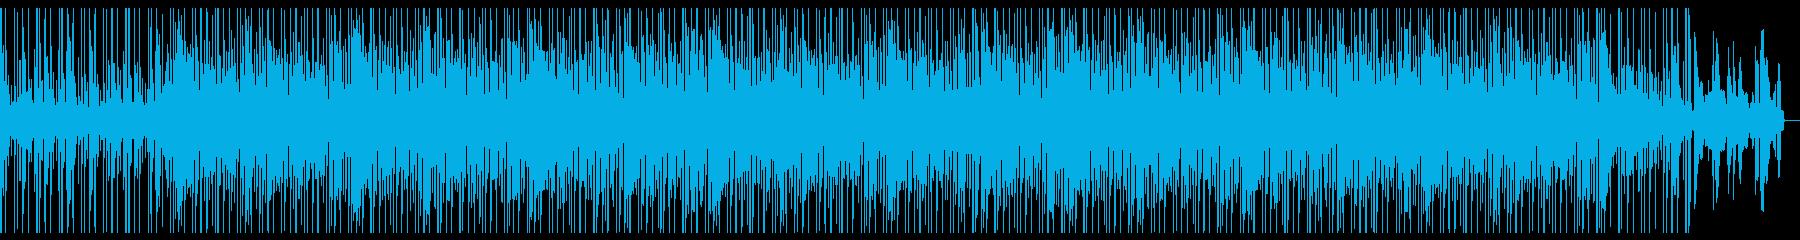 生演奏の爽やか系BGMの再生済みの波形